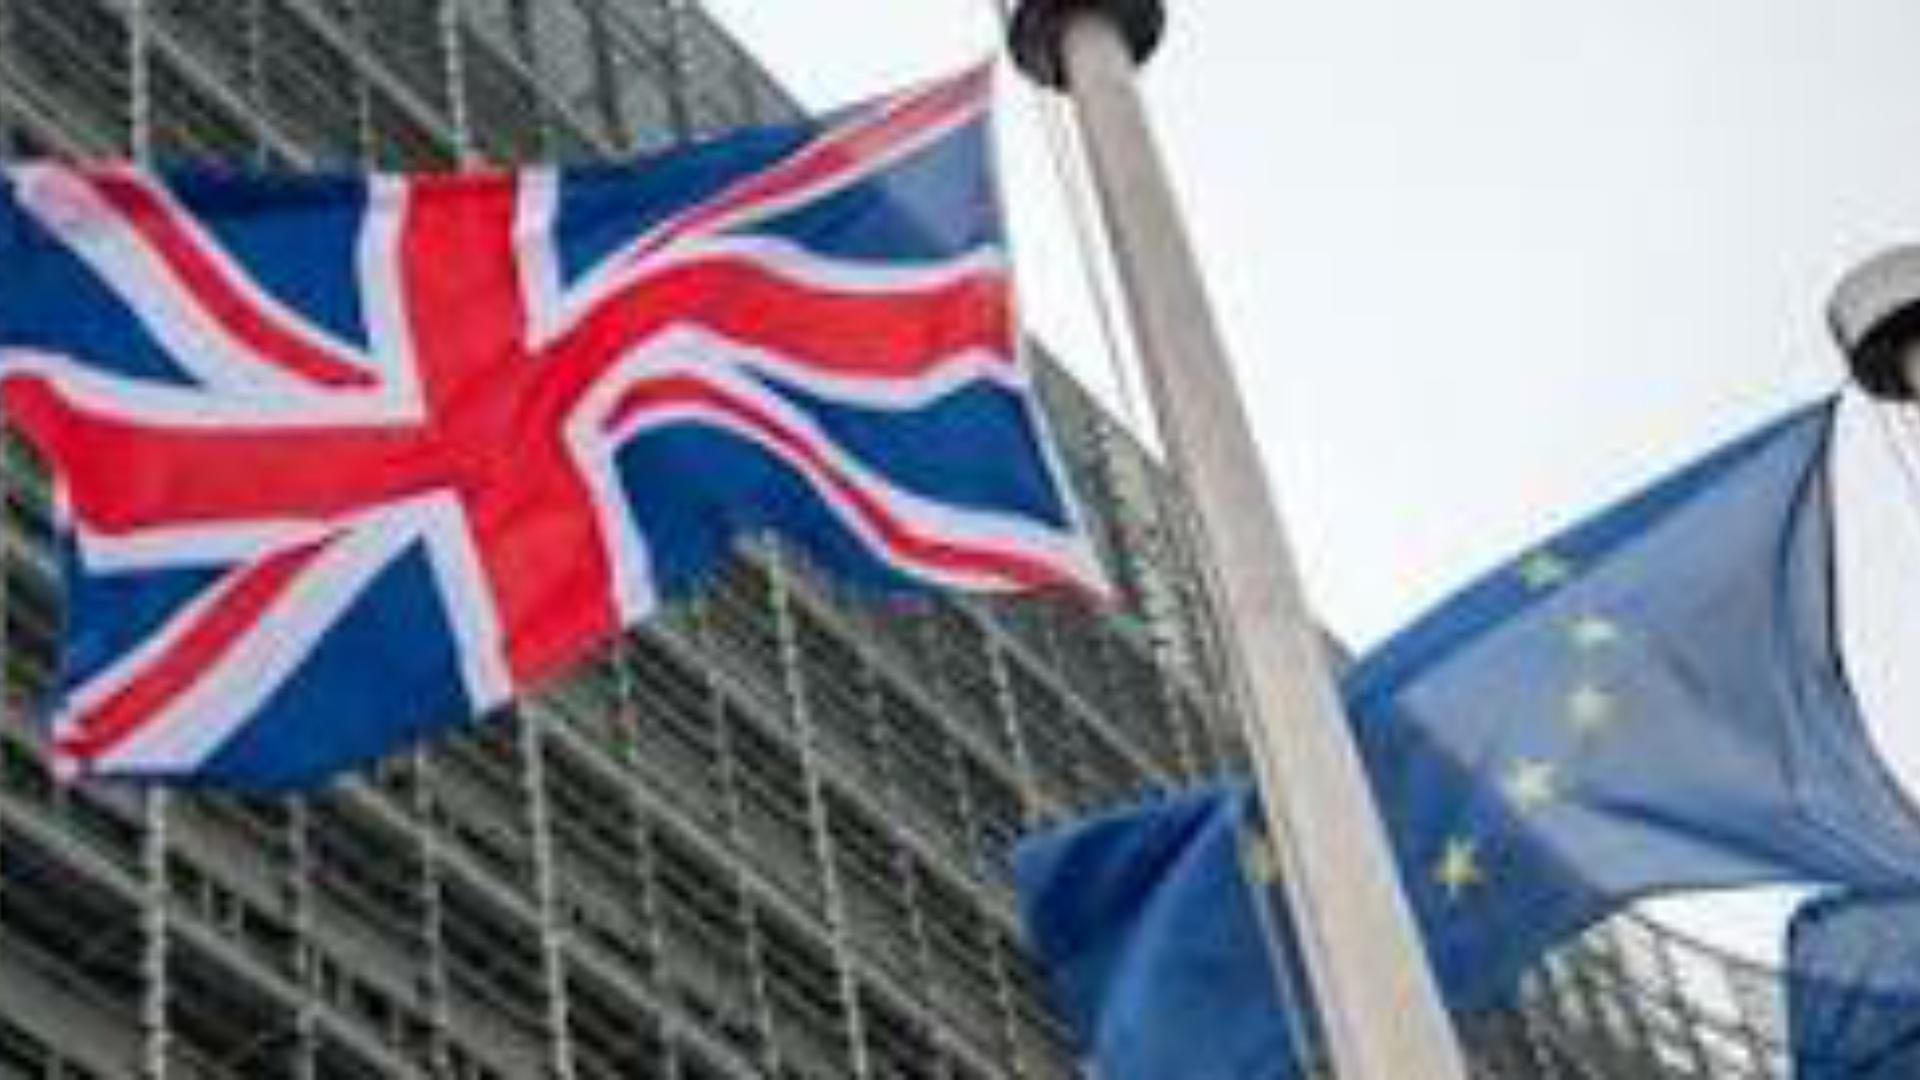 VIDEO: Steagul britanic retras din clădirea Consiliului UE! Marea Britanie a ieşit oficial din UE! Ce schimbări aduce pentru turiști?!